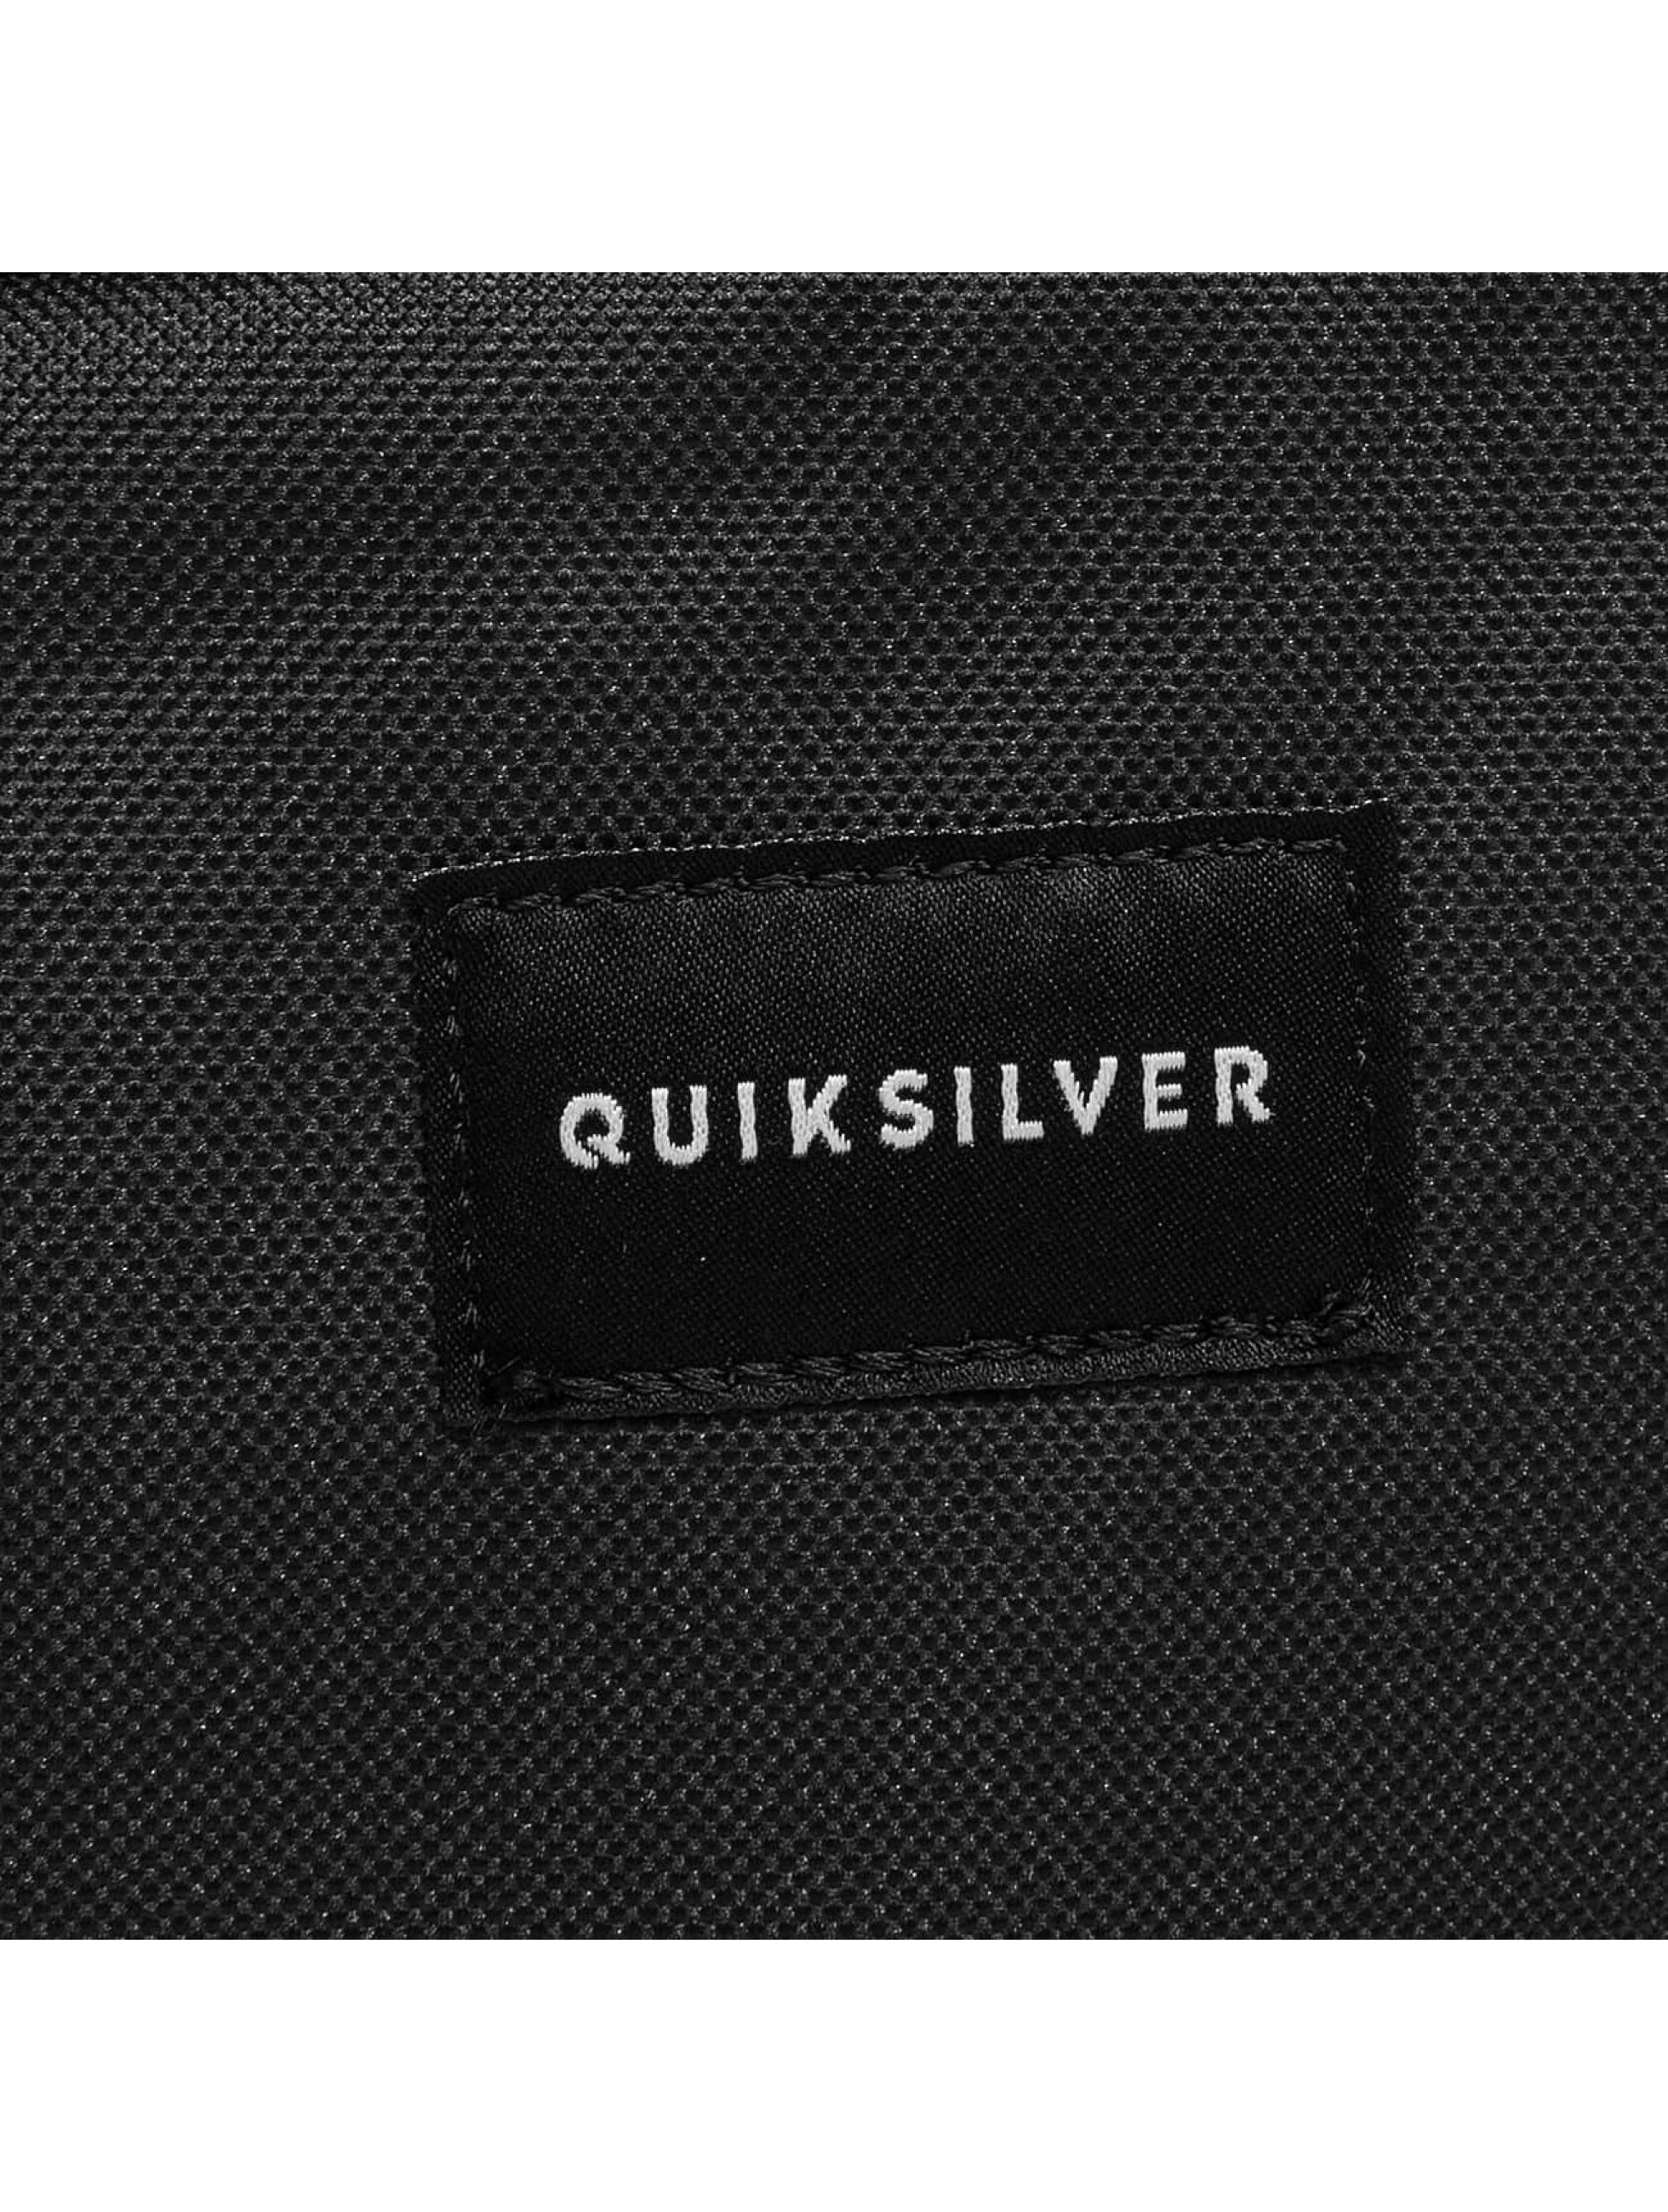 Quiksilver Zaino 1969 Special nero